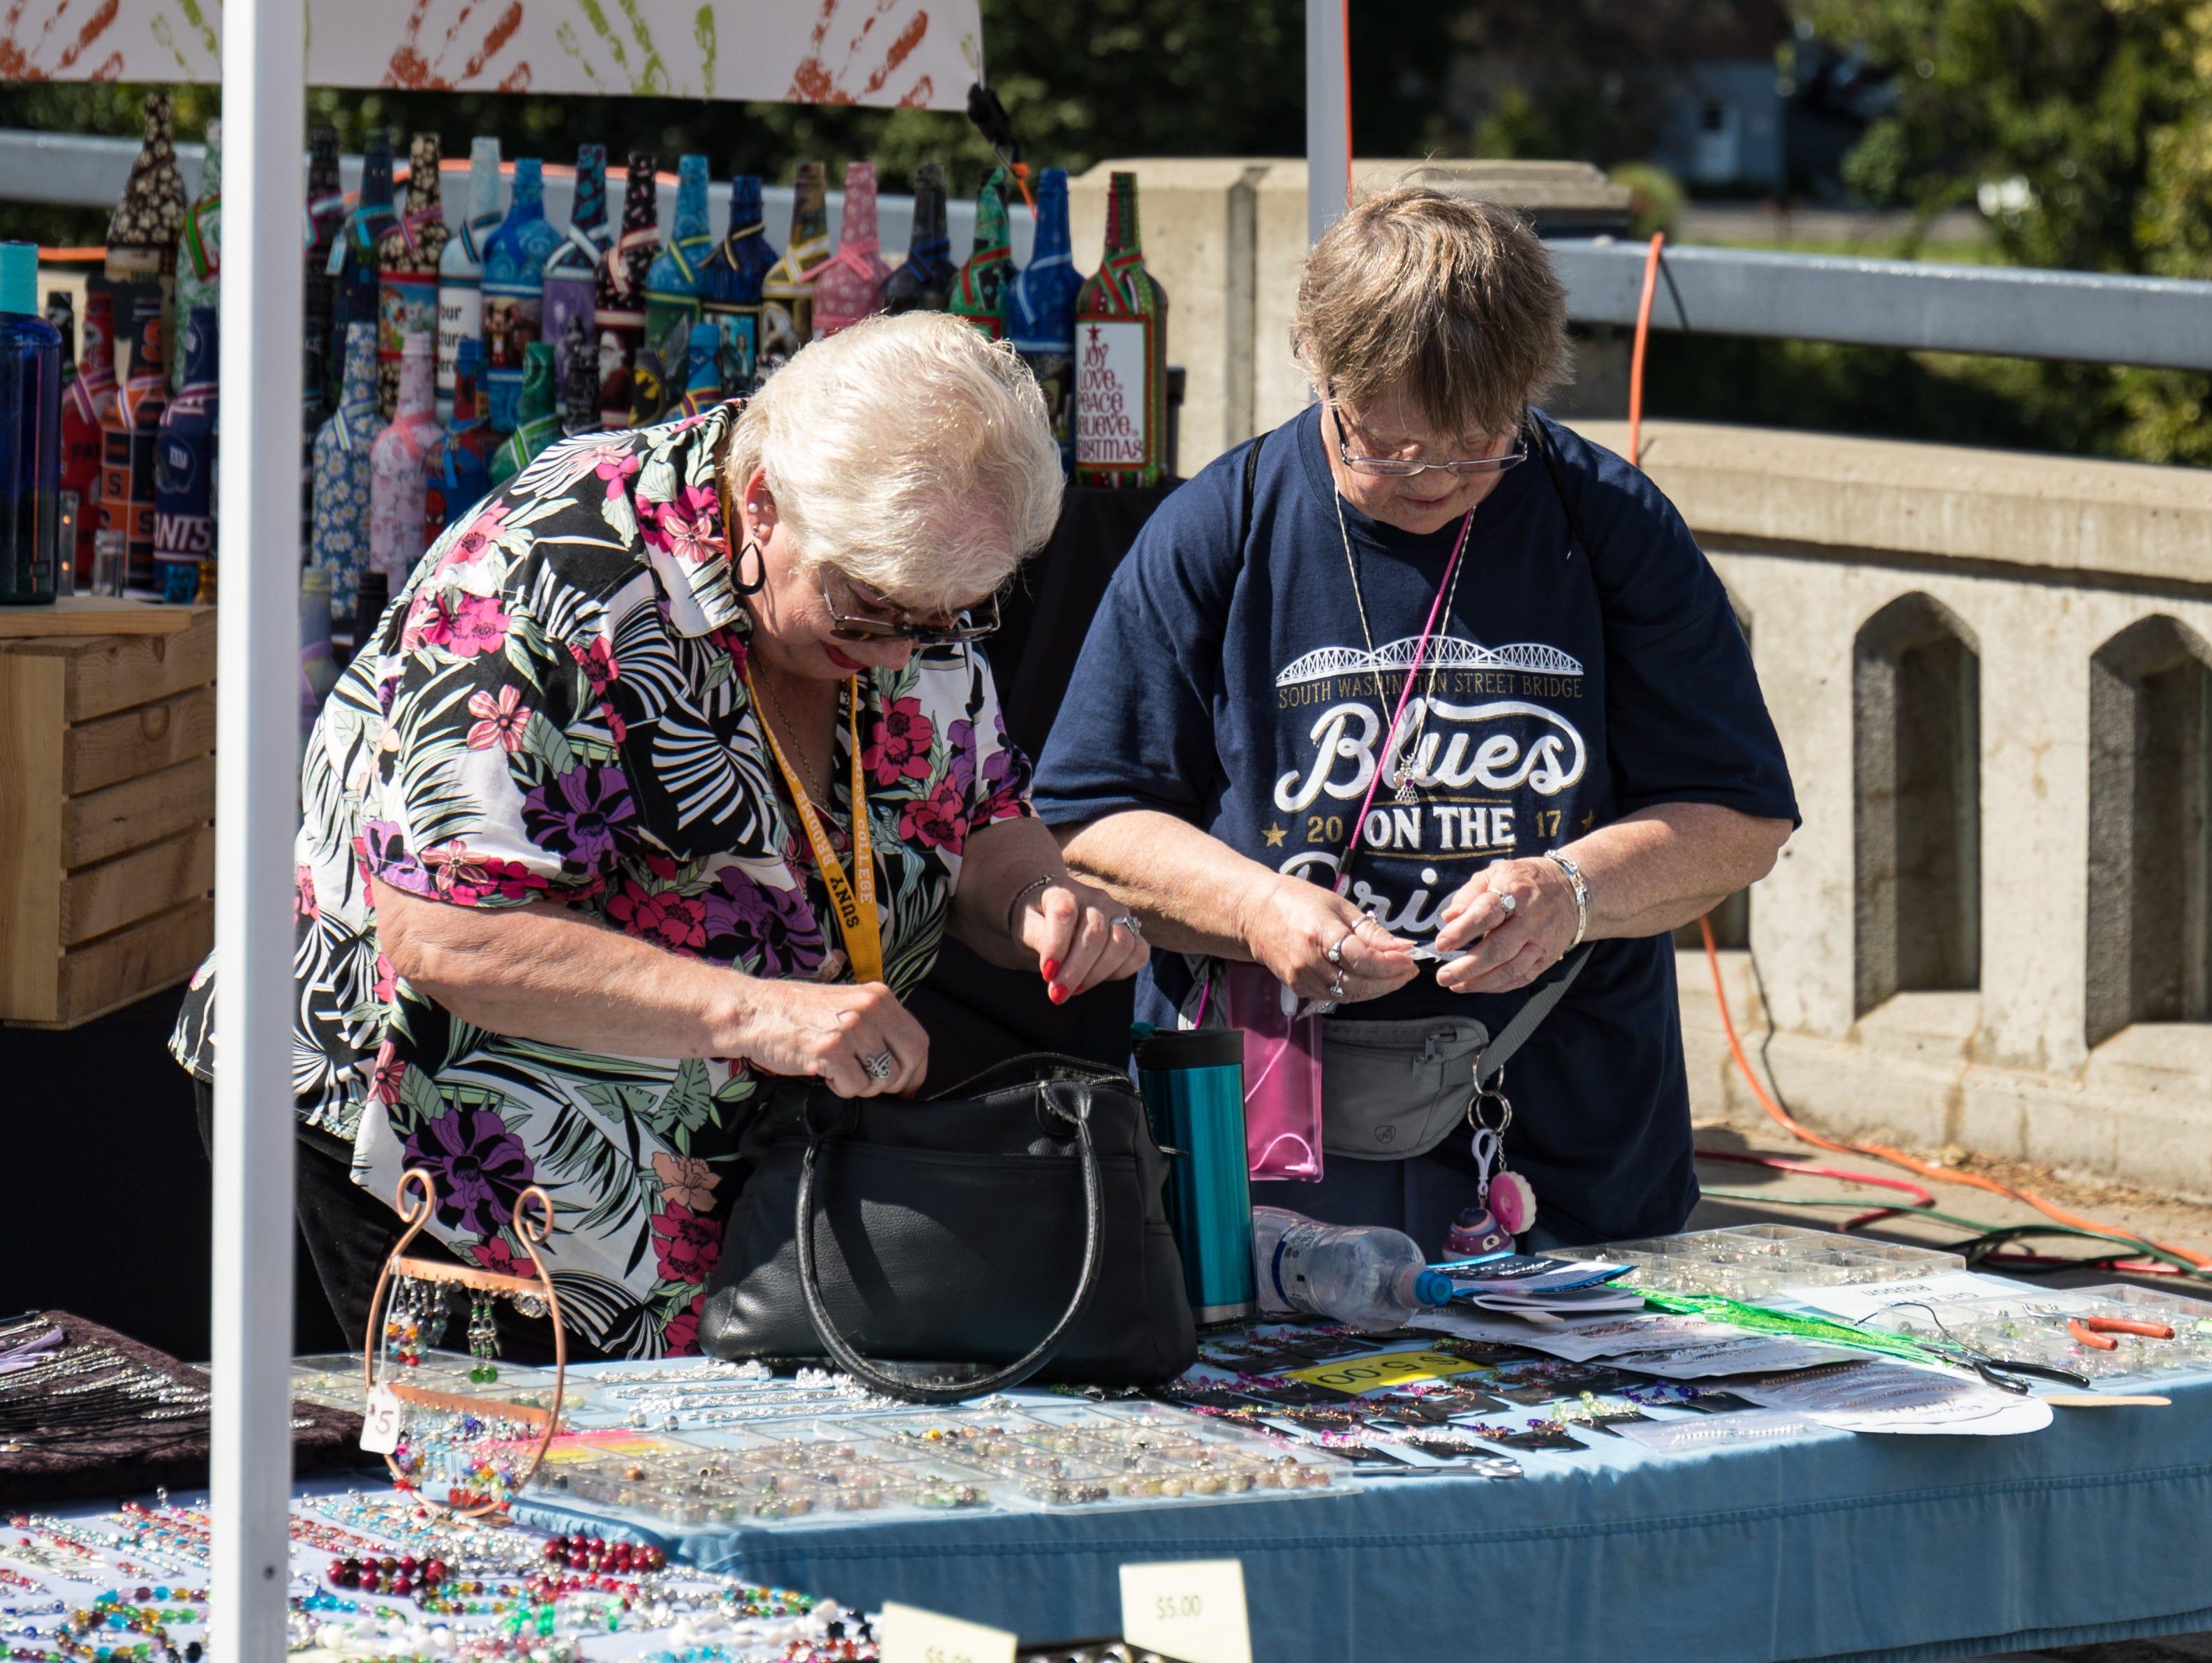 Blues on the Bridge 2018 was held on Sept. 16.